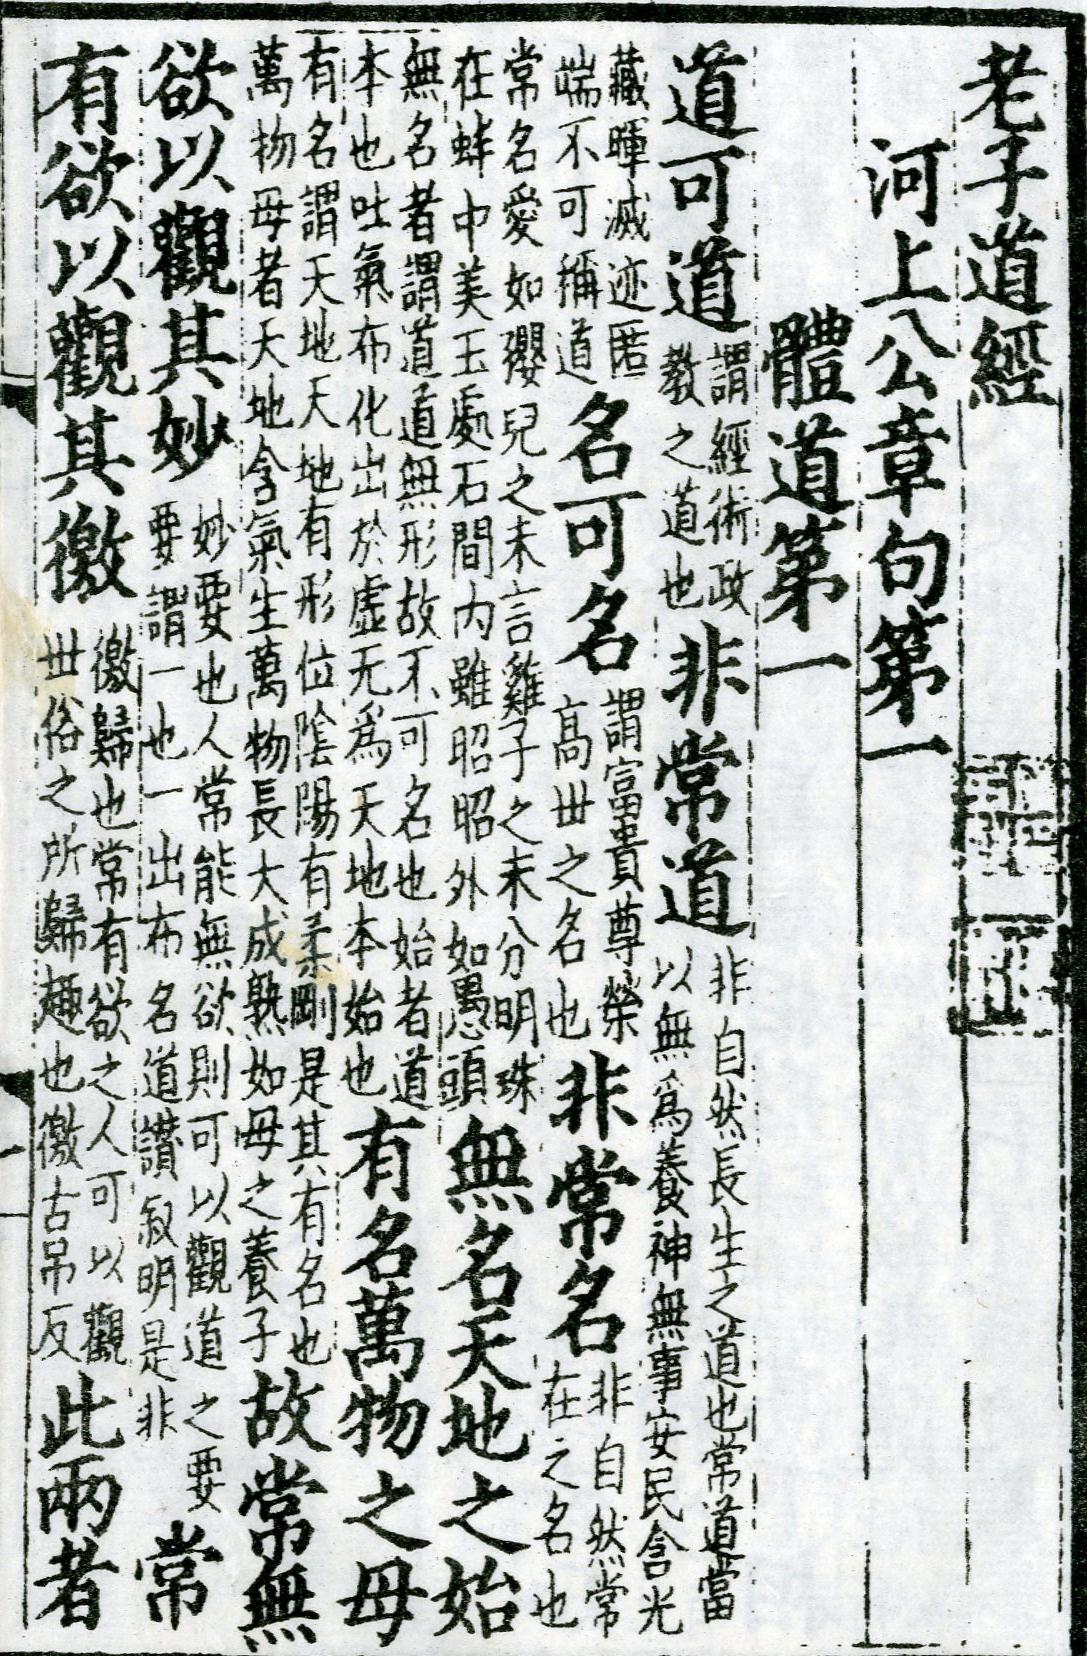 Laozi daode jing